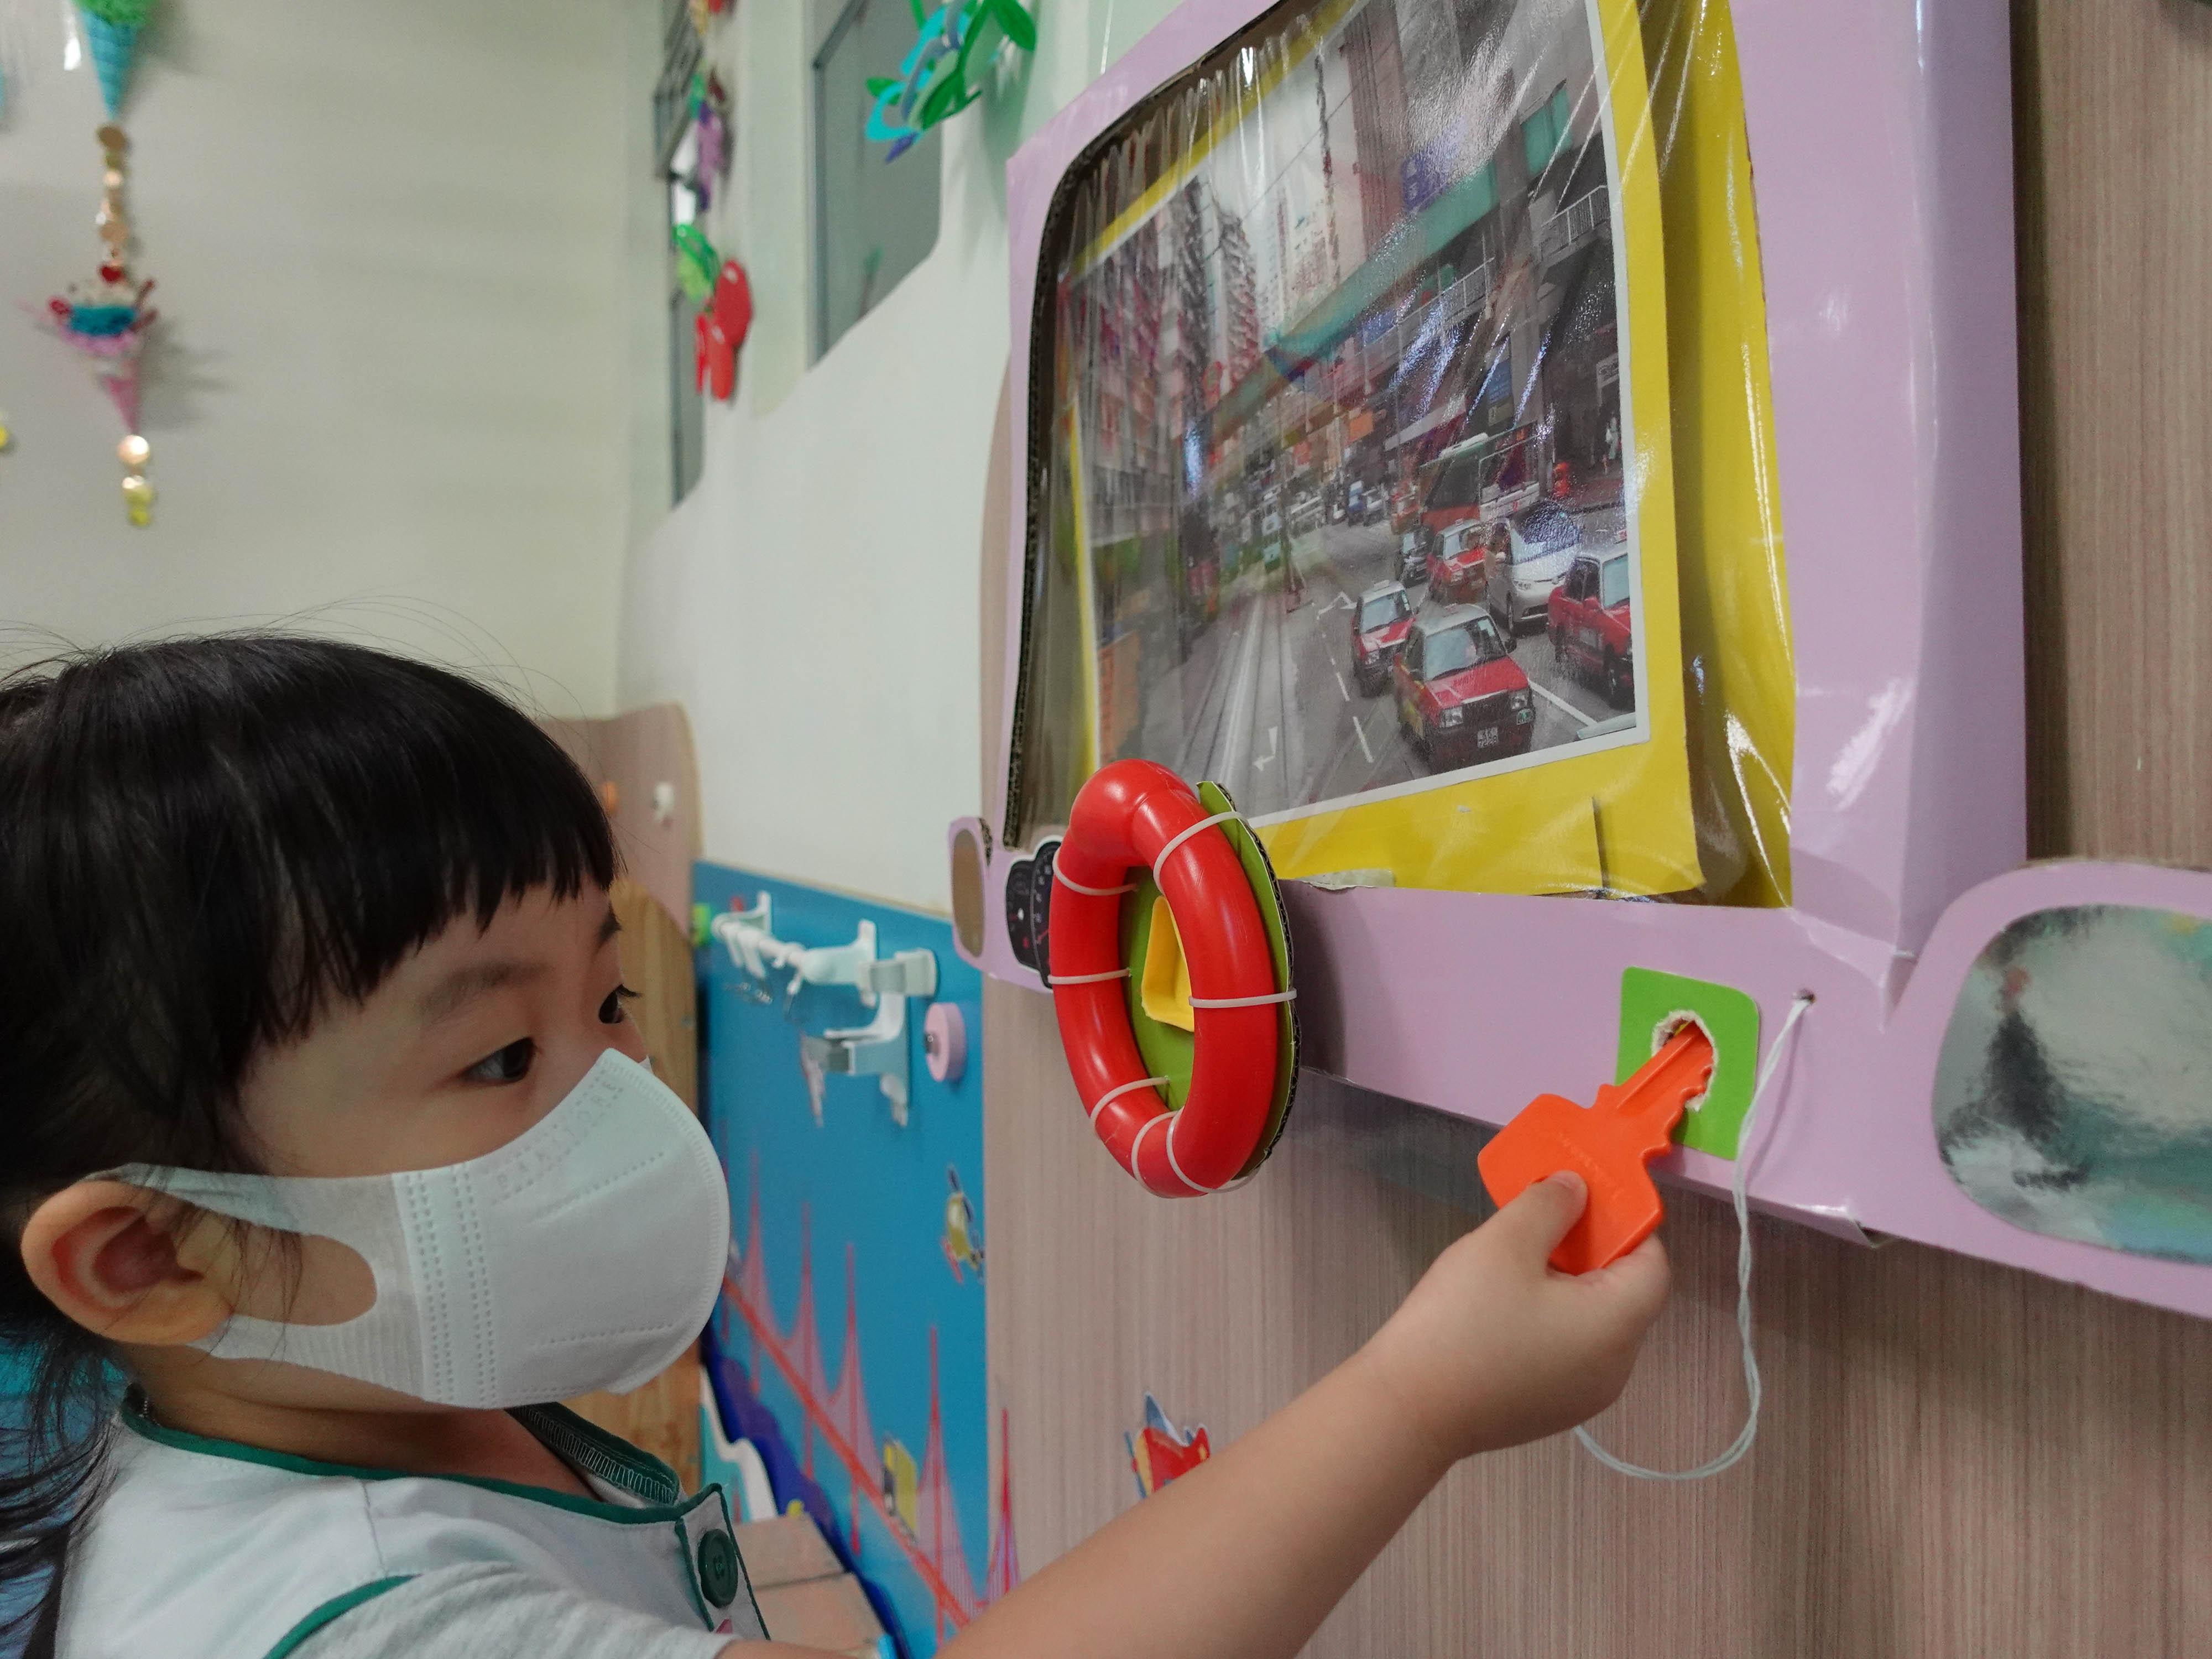 http://npmc.edu.hk/sites/default/files/dsc05233.jpg